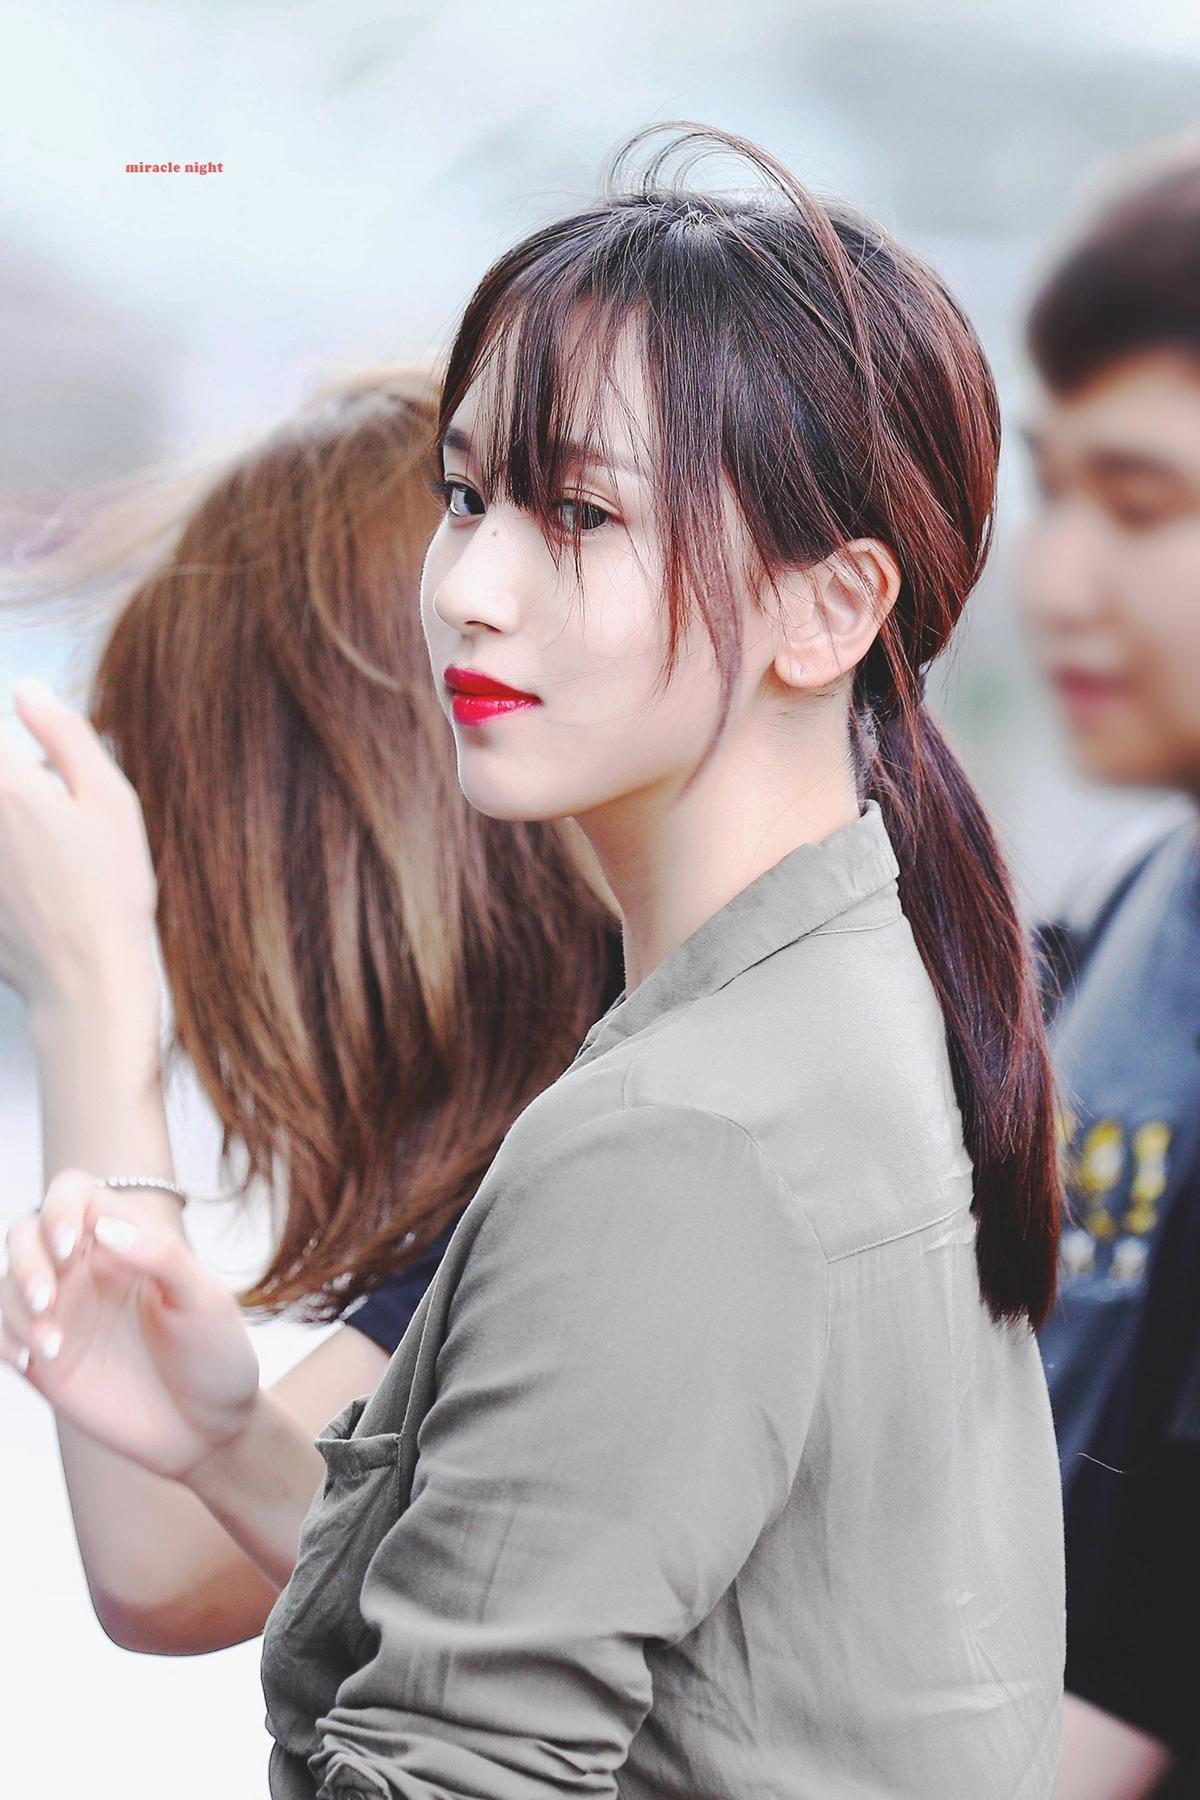 Những bức ảnh chất lượng cao huyền thoại của Mina (Twice) - 18